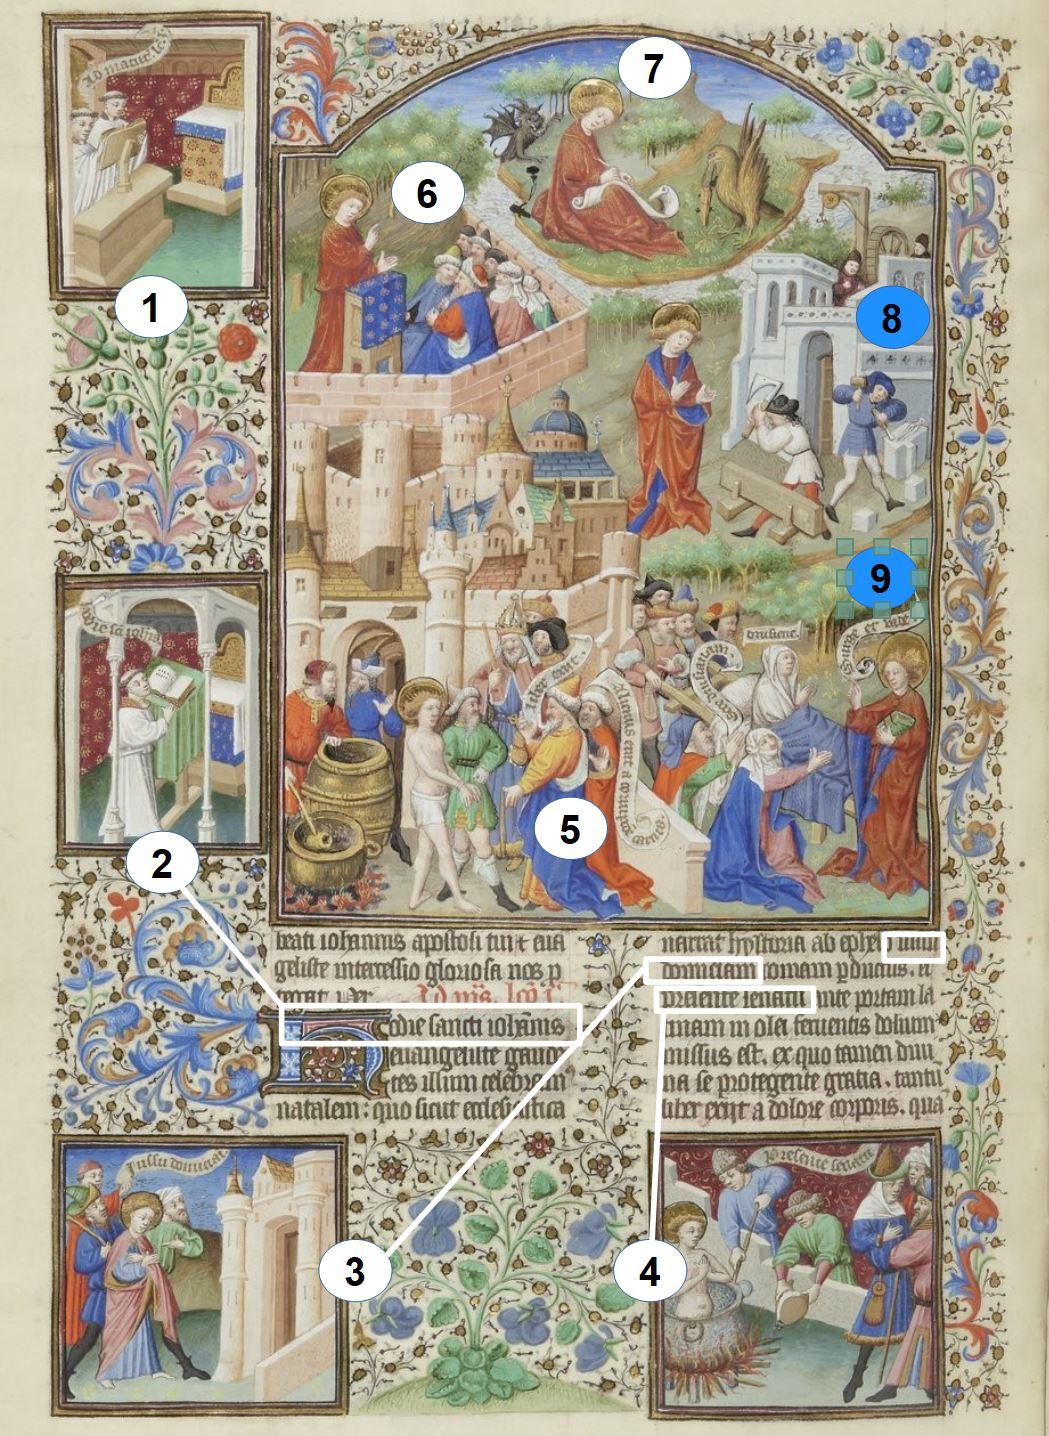 Maitre de Bedford (atelier), 1424-1435, Breviaire de Salisbury, pour le duc de Bedford BNF Lat 17294 fol 455v Saint Jean gallica schema